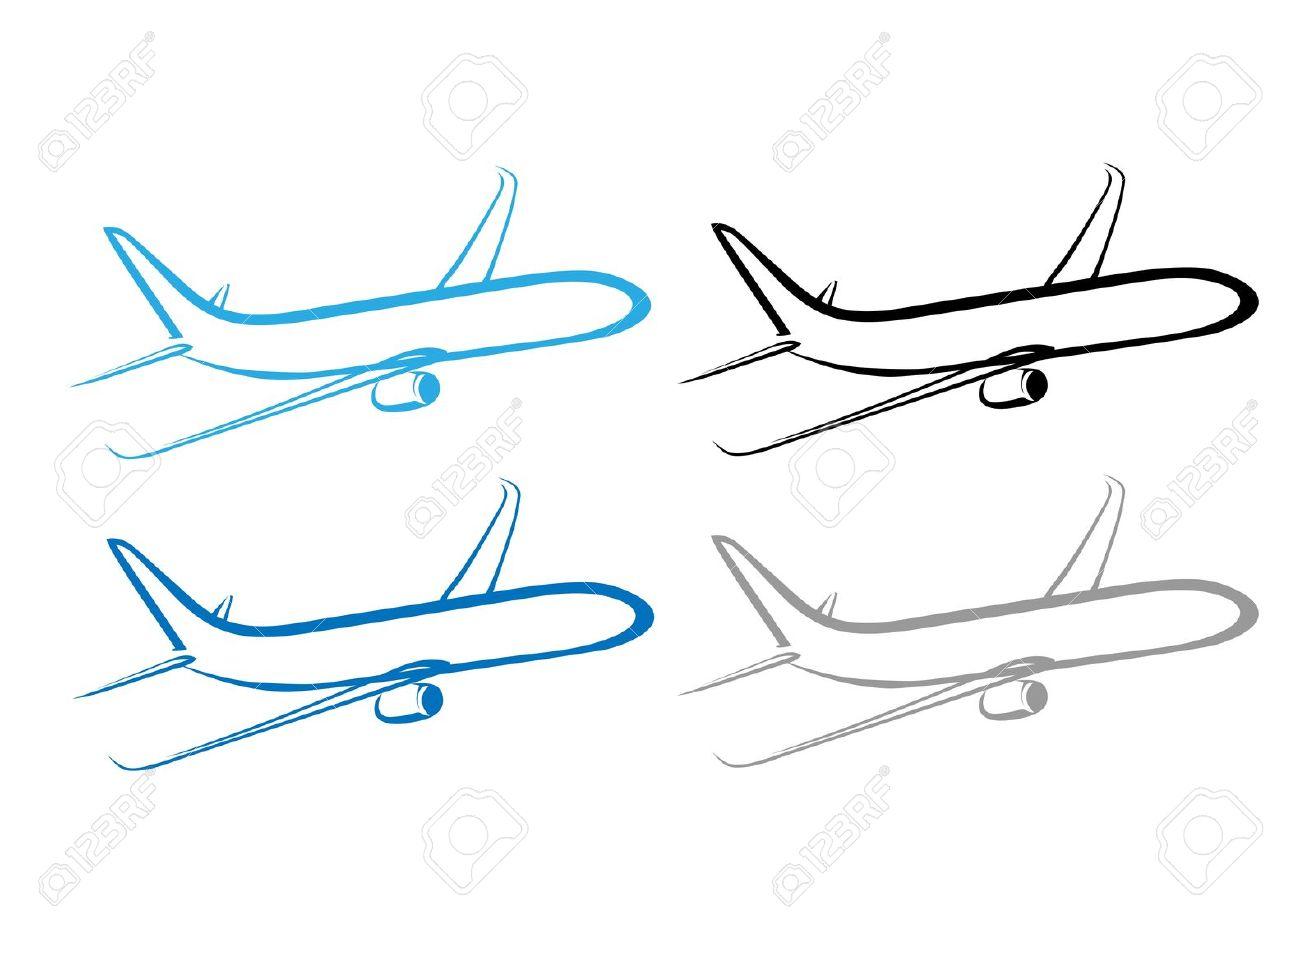 Stylized Airplane.